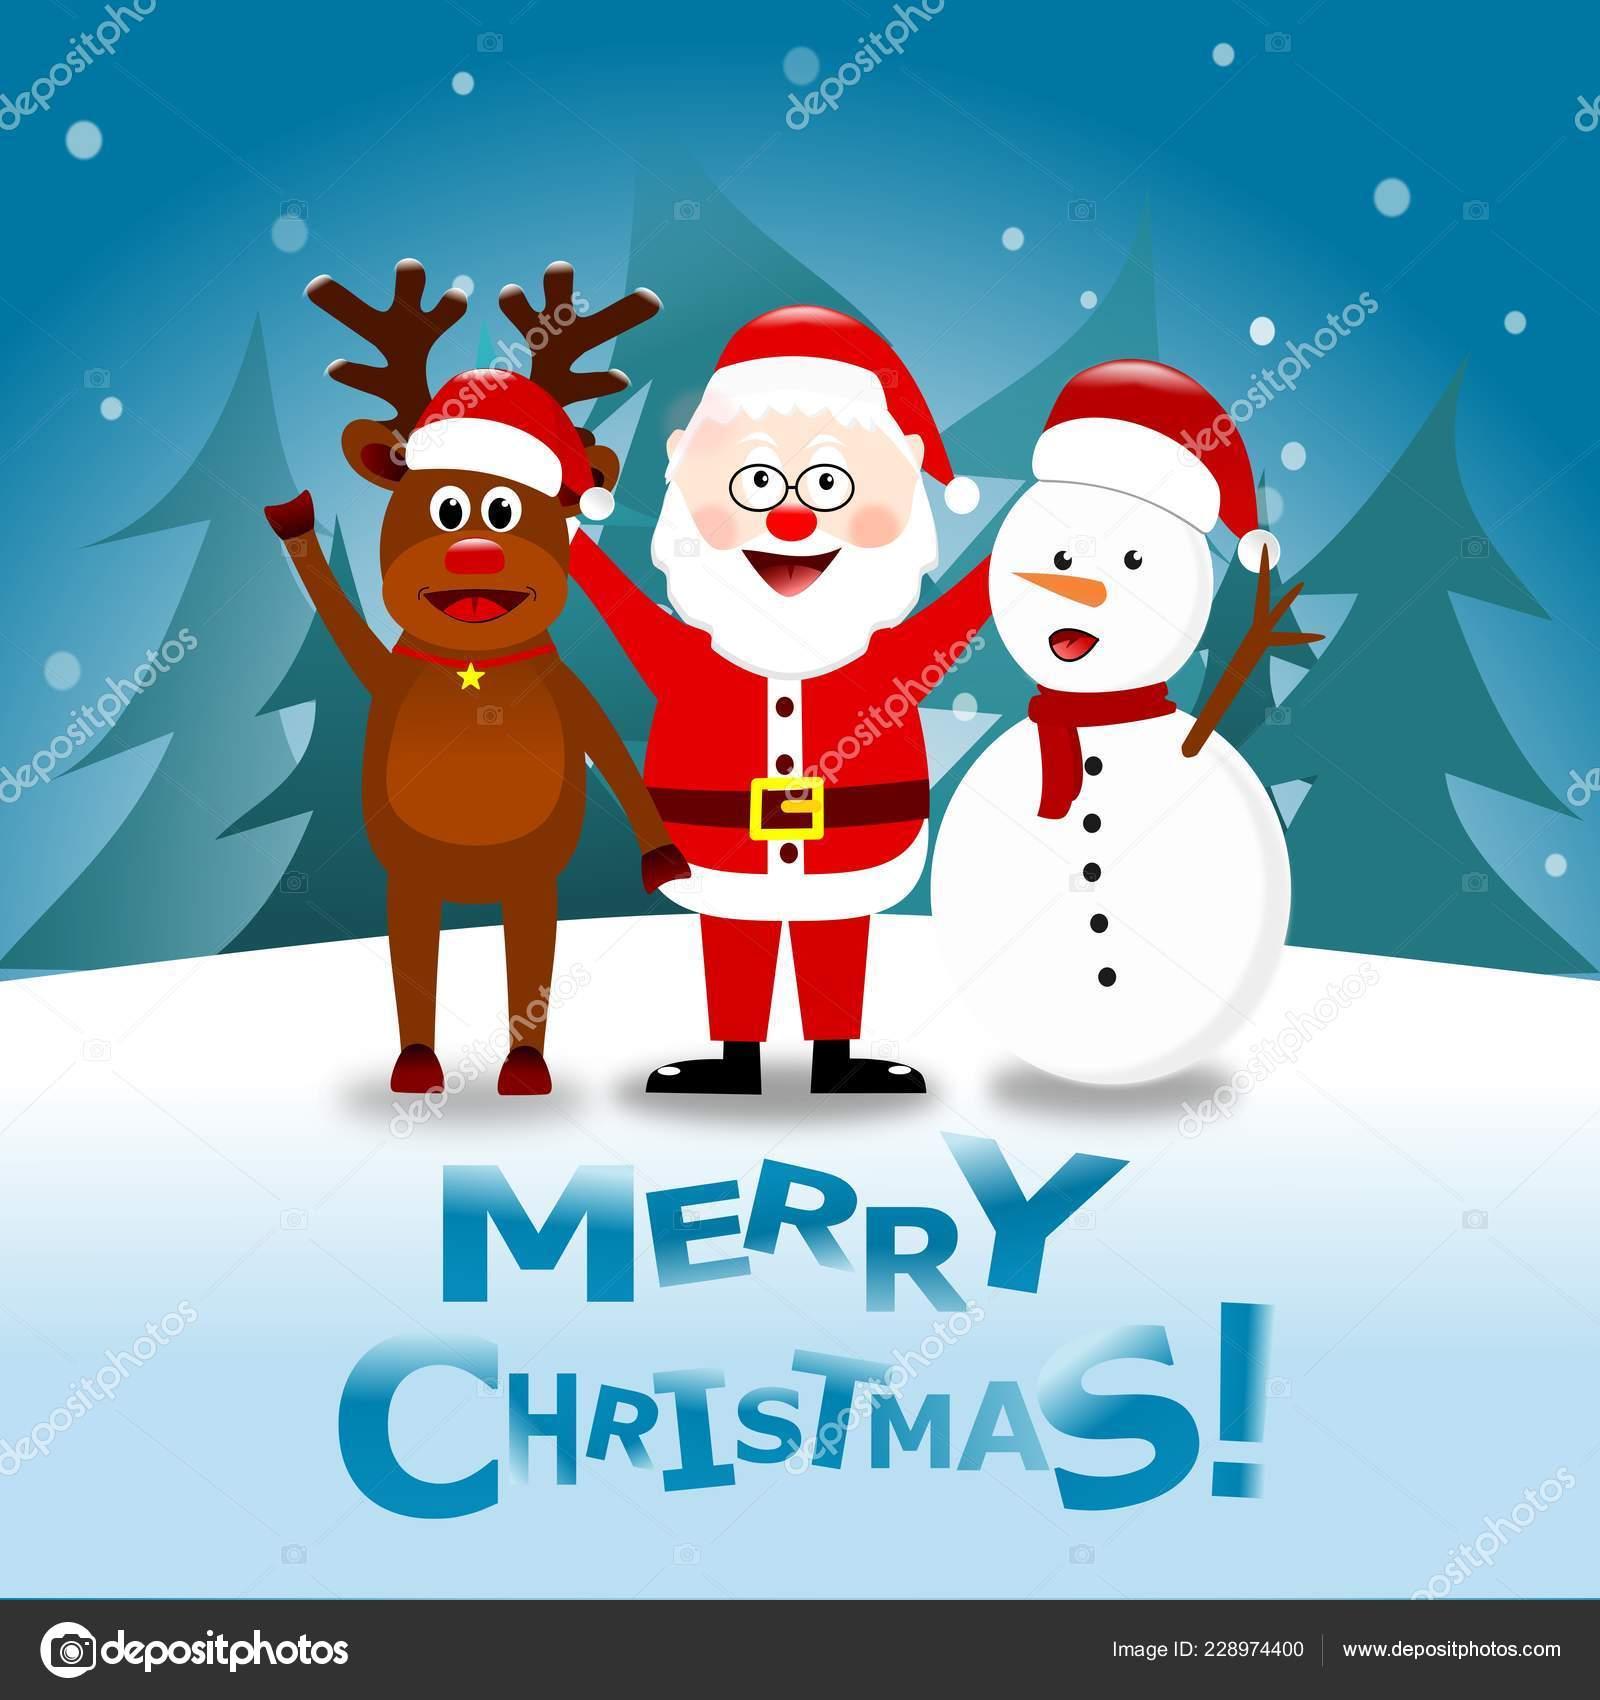 14+ Christmas Santa Reindeer